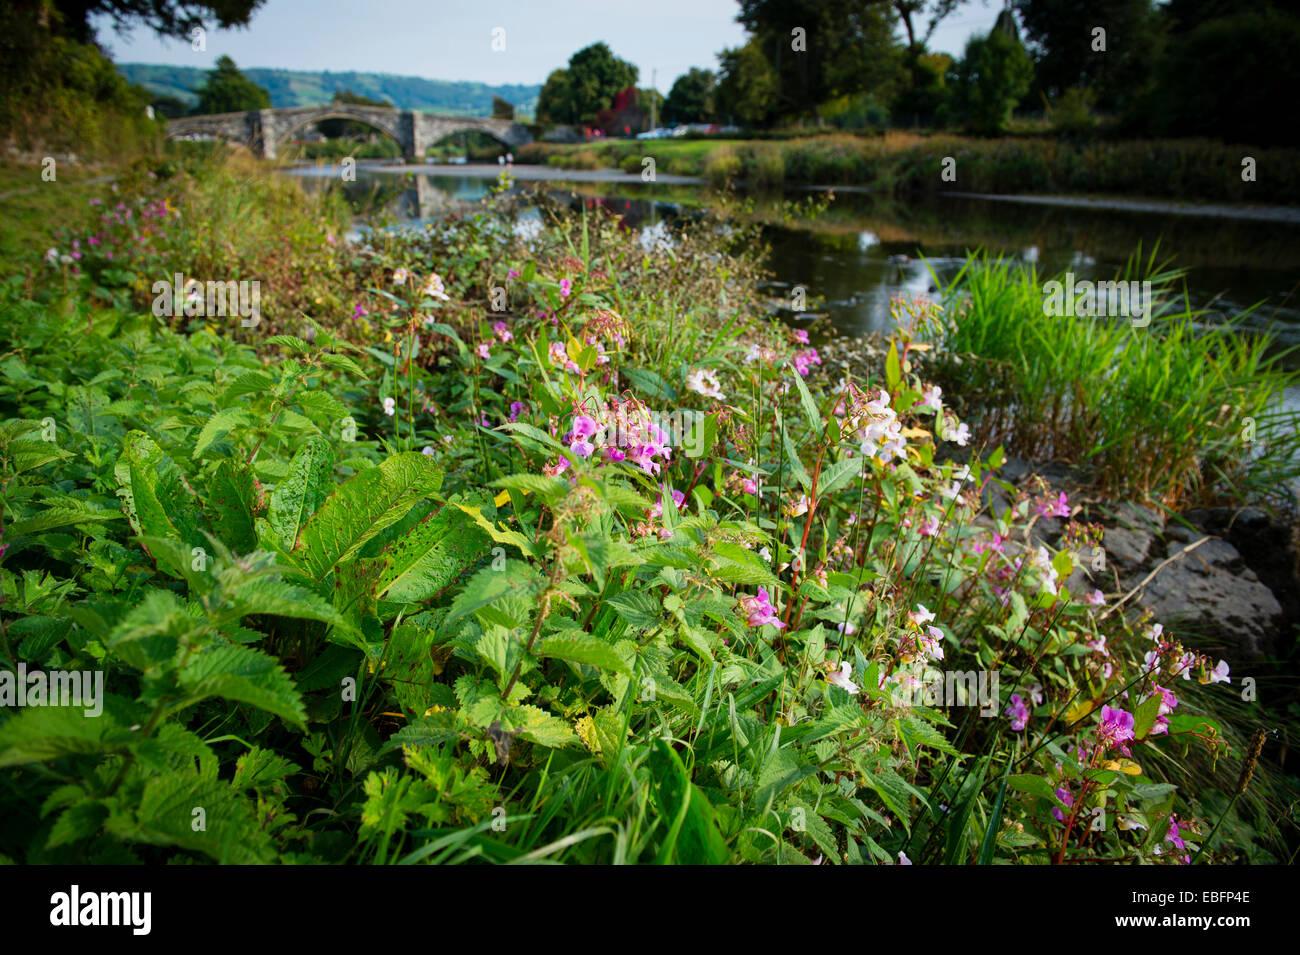 Balsamine de l'himalaya floraison fleurs plantes envahissantes qui poussent sur les rives de la rivière Conwy Conwy dans le Nord du Pays de Galles, Automne 2014 Banque D'Images